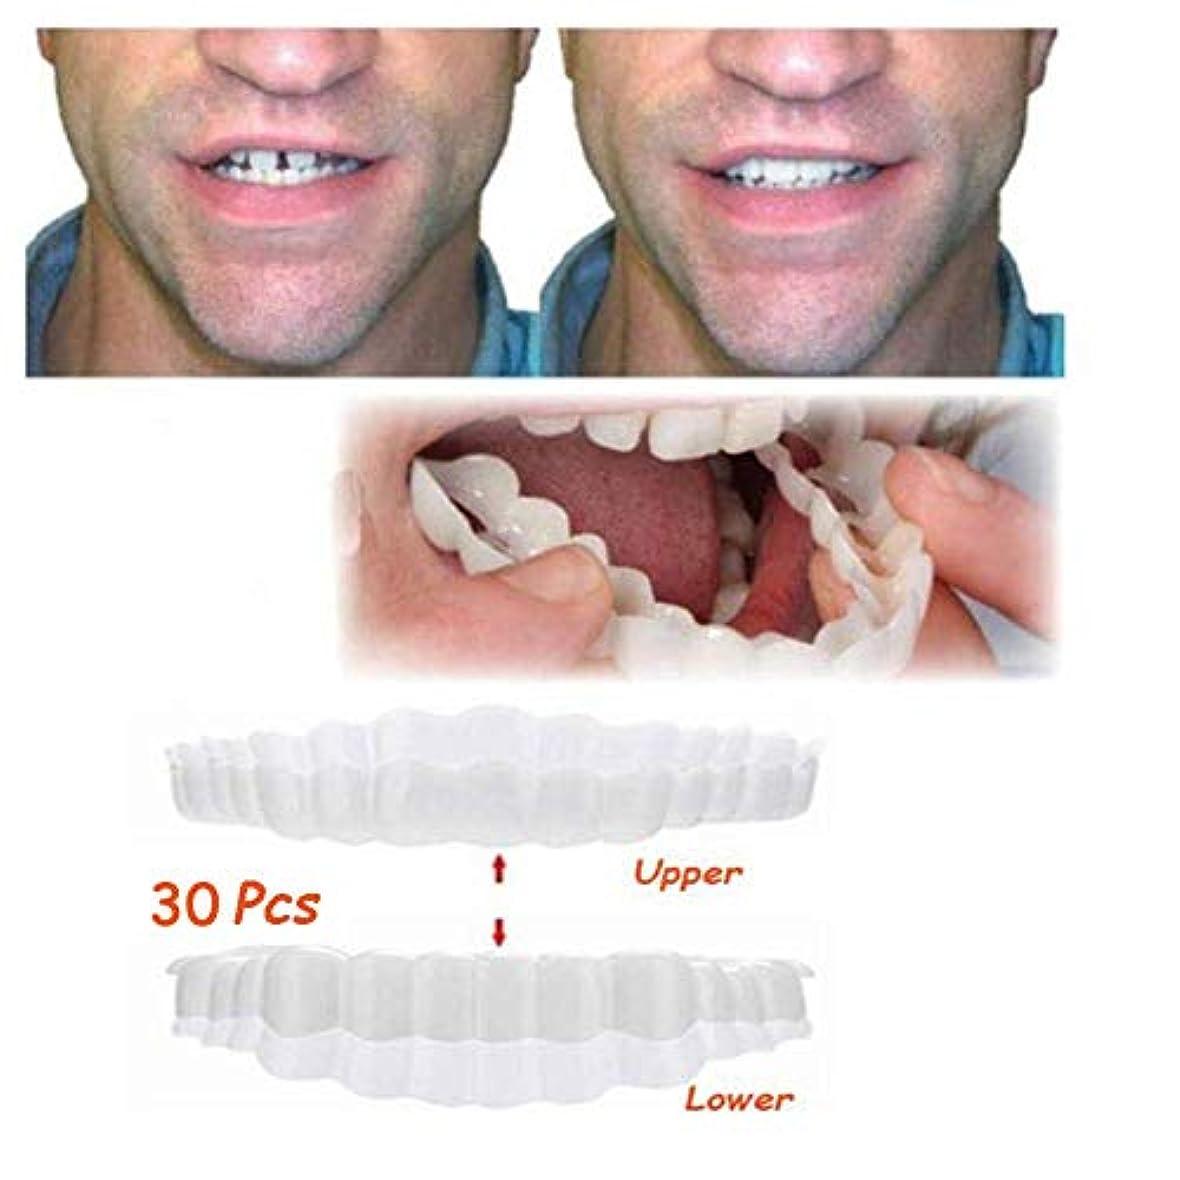 モノグラフエレメンタルトムオードリース30ピース笑顔一時的な歯のキット、一時的な化粧品の歯義歯歯の化粧品模擬装具下括弧快適な下突き板